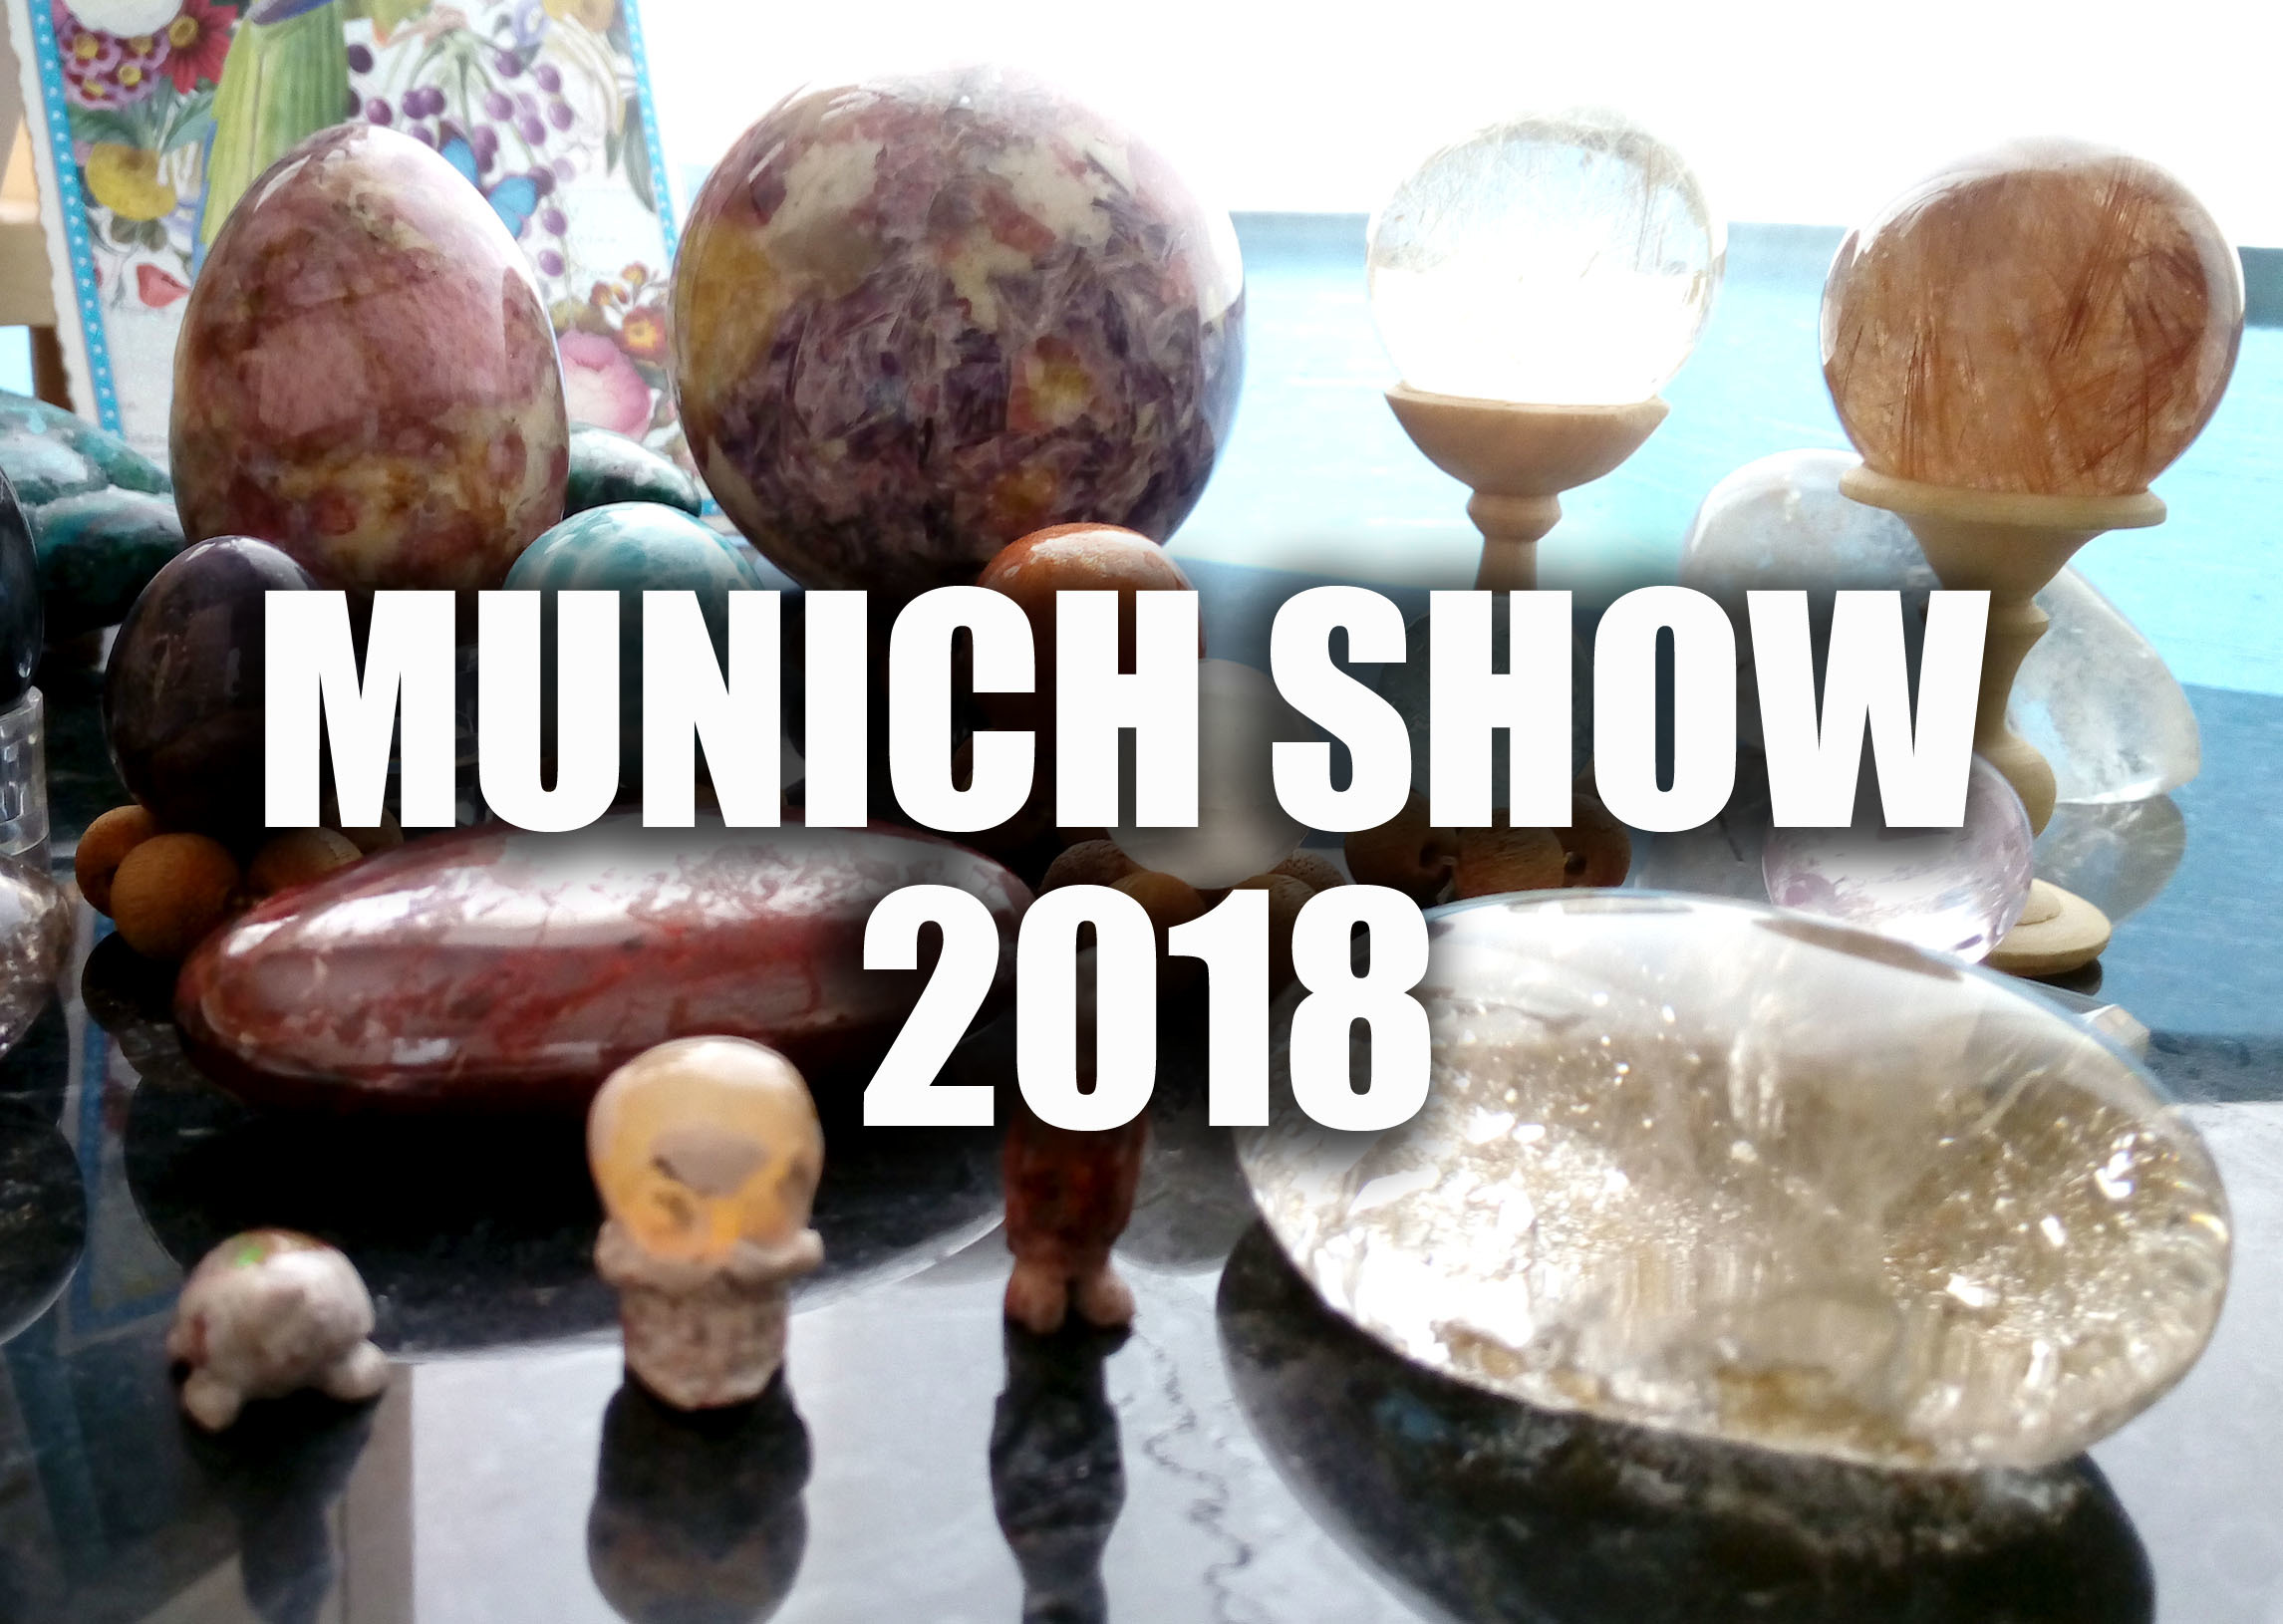 MUNICHSHOW 2018